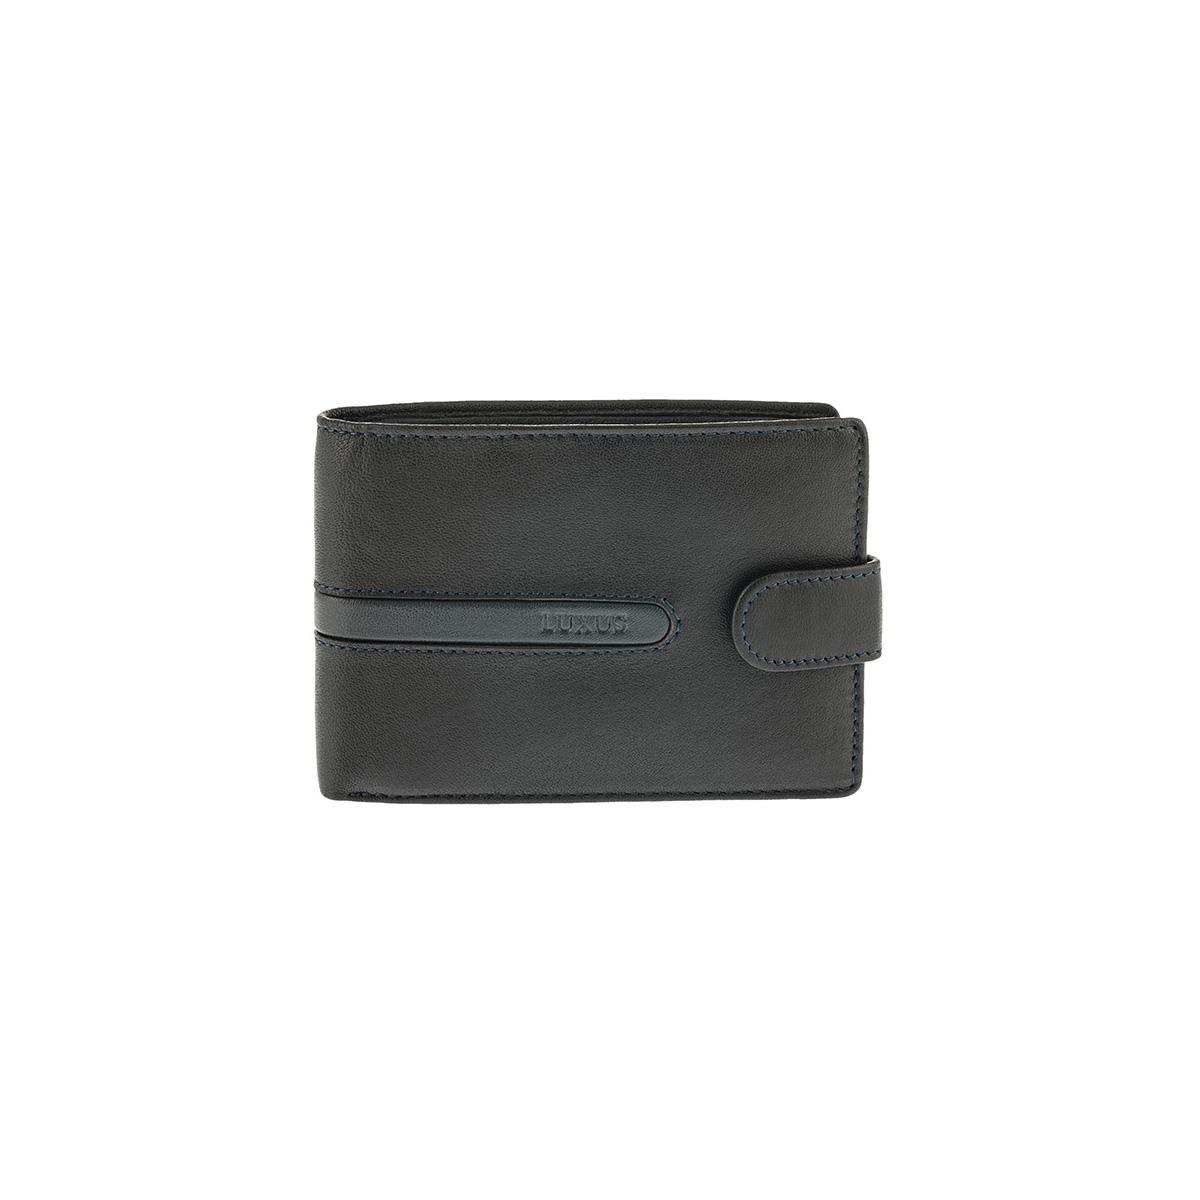 Ανδρικό Πορτοφόλι Δερμάτινο Luxus 2752